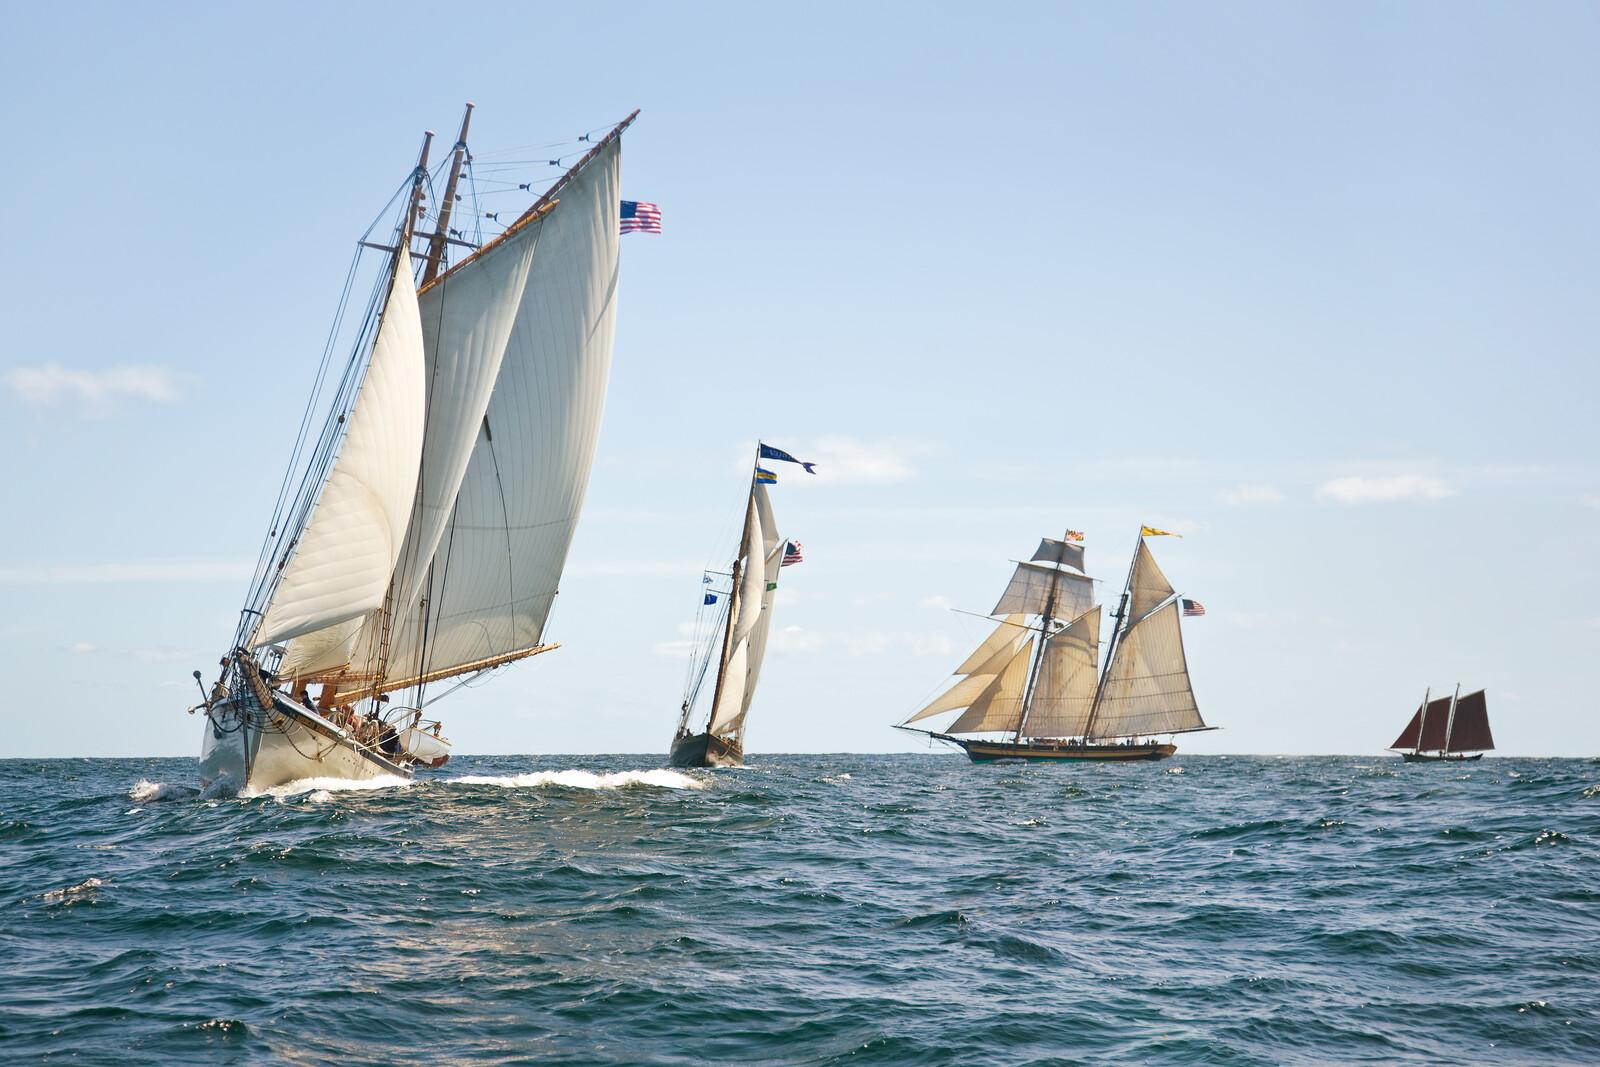 Schooners Racing off Gloucester Harbor - Greg Pease